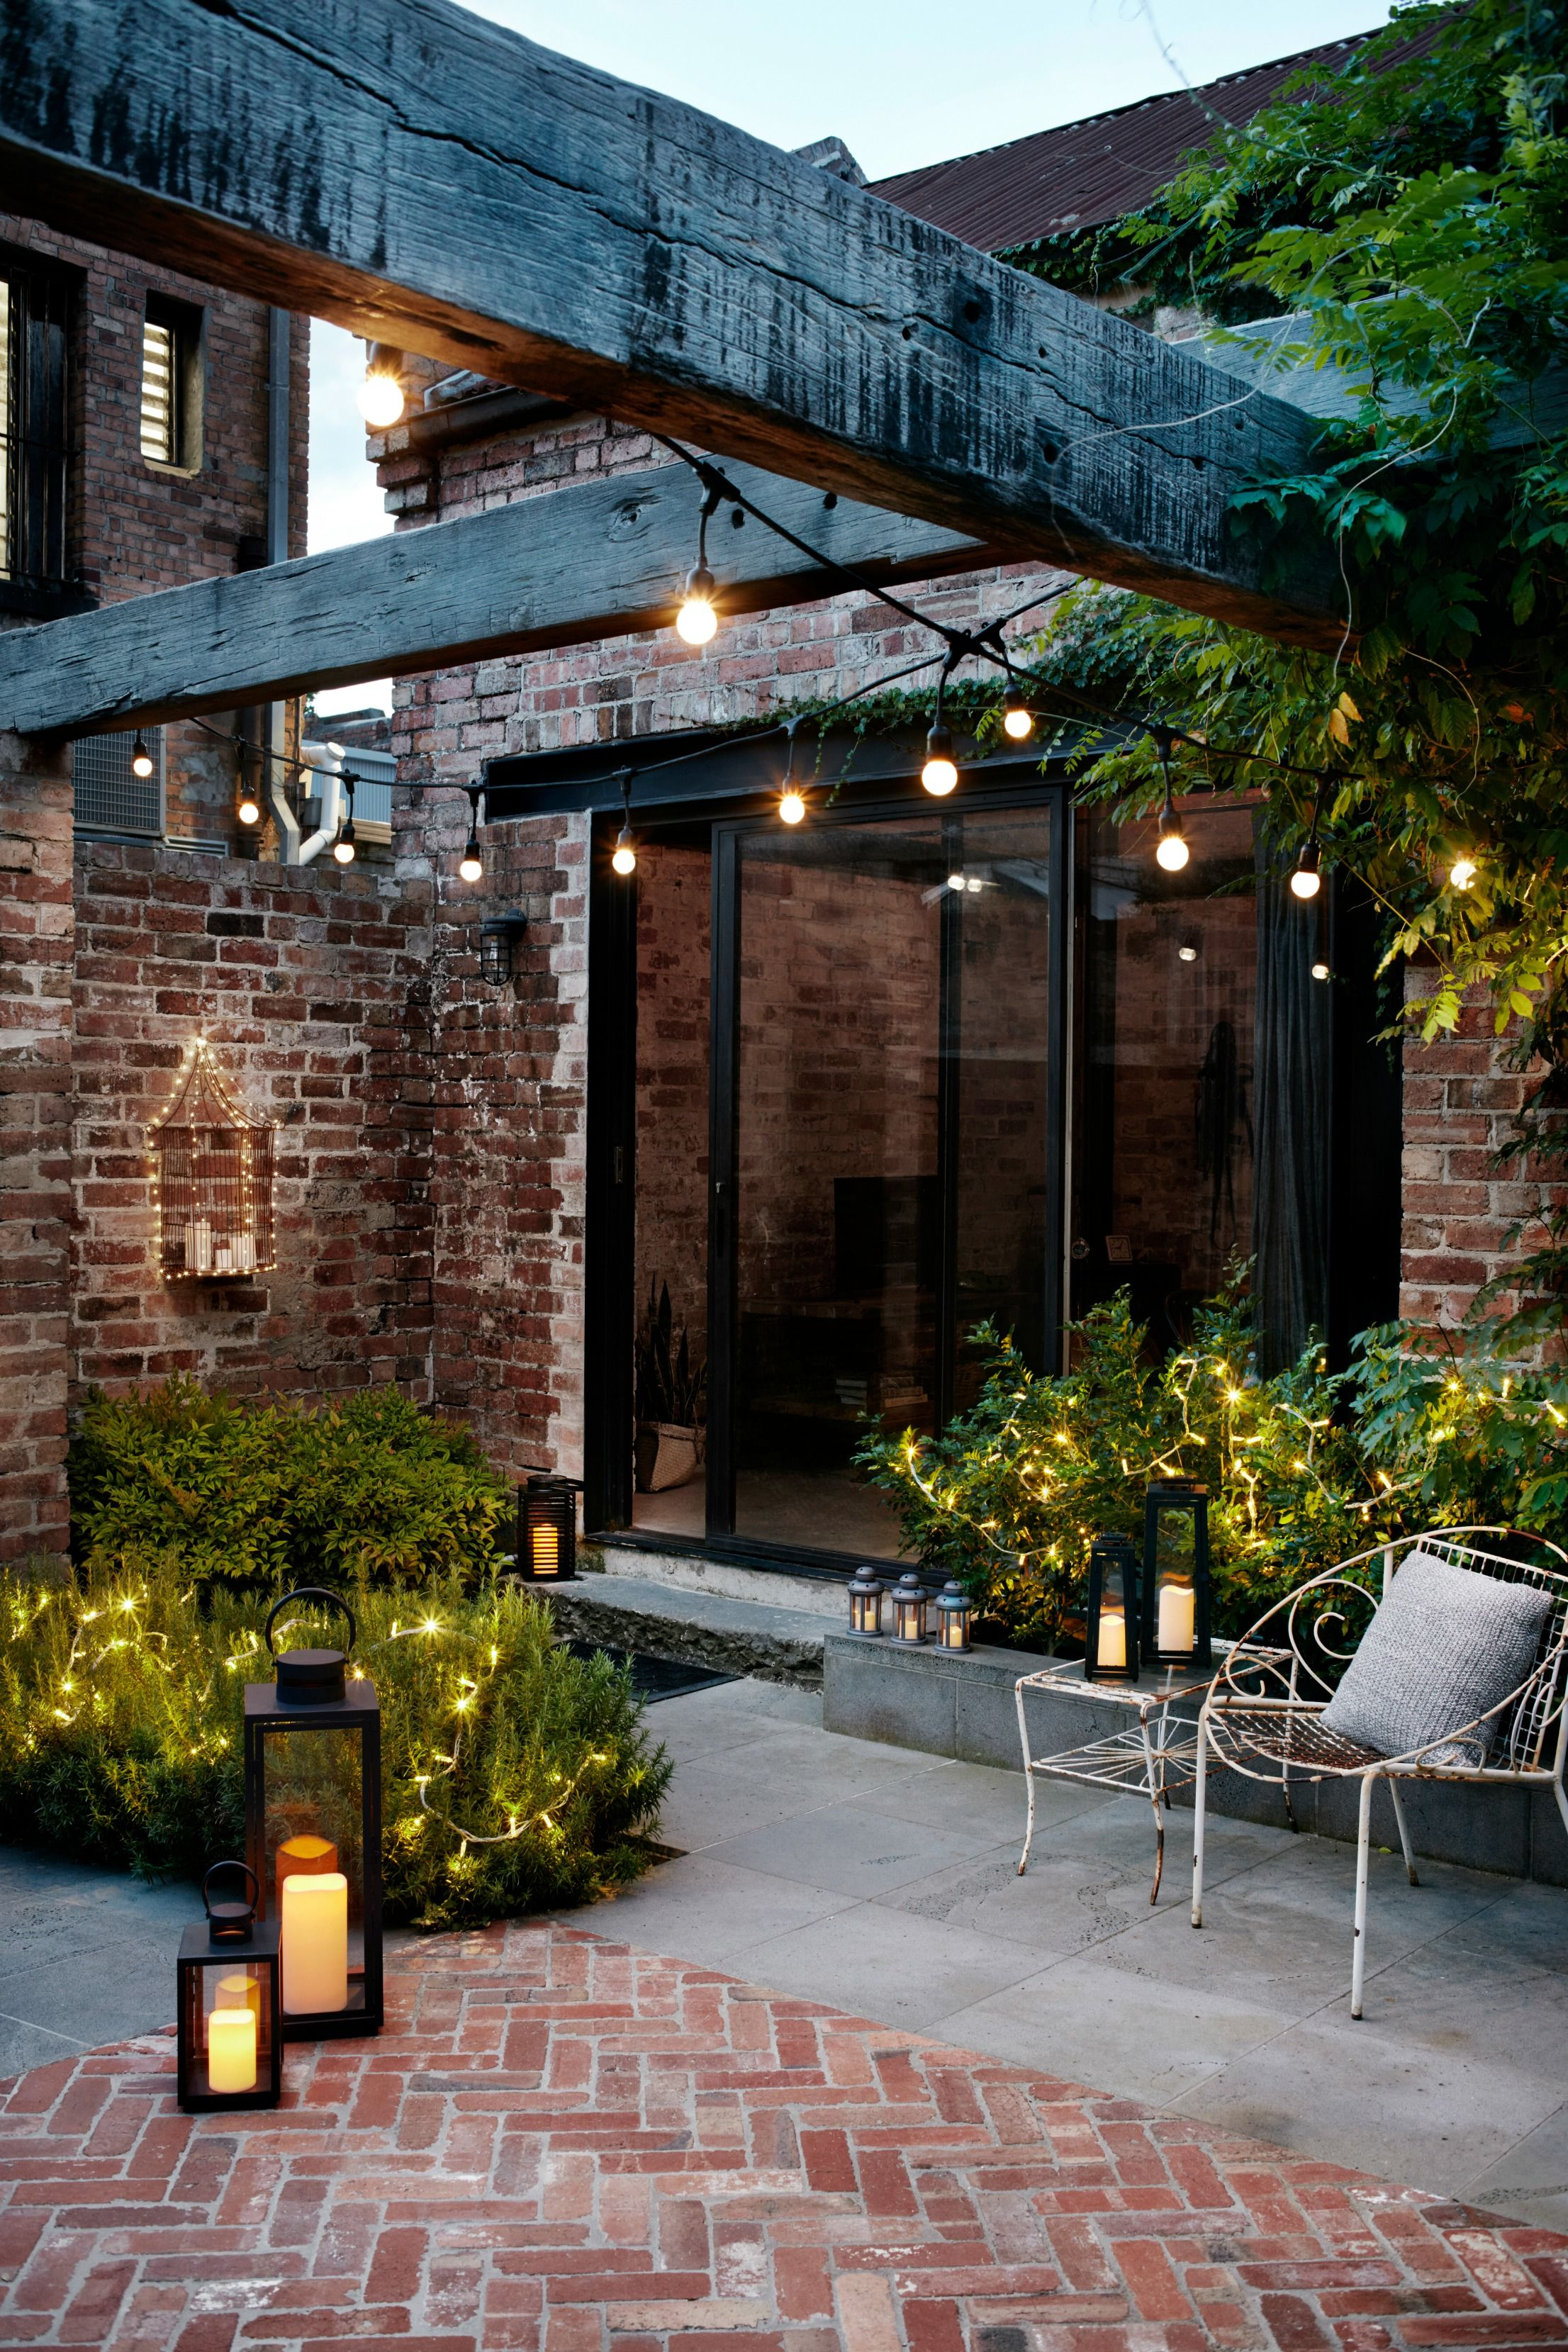 Terrasse terrassengestaltung laterne lichter beleuchtet pflanzen gr n holz balken - Garten lichter ...